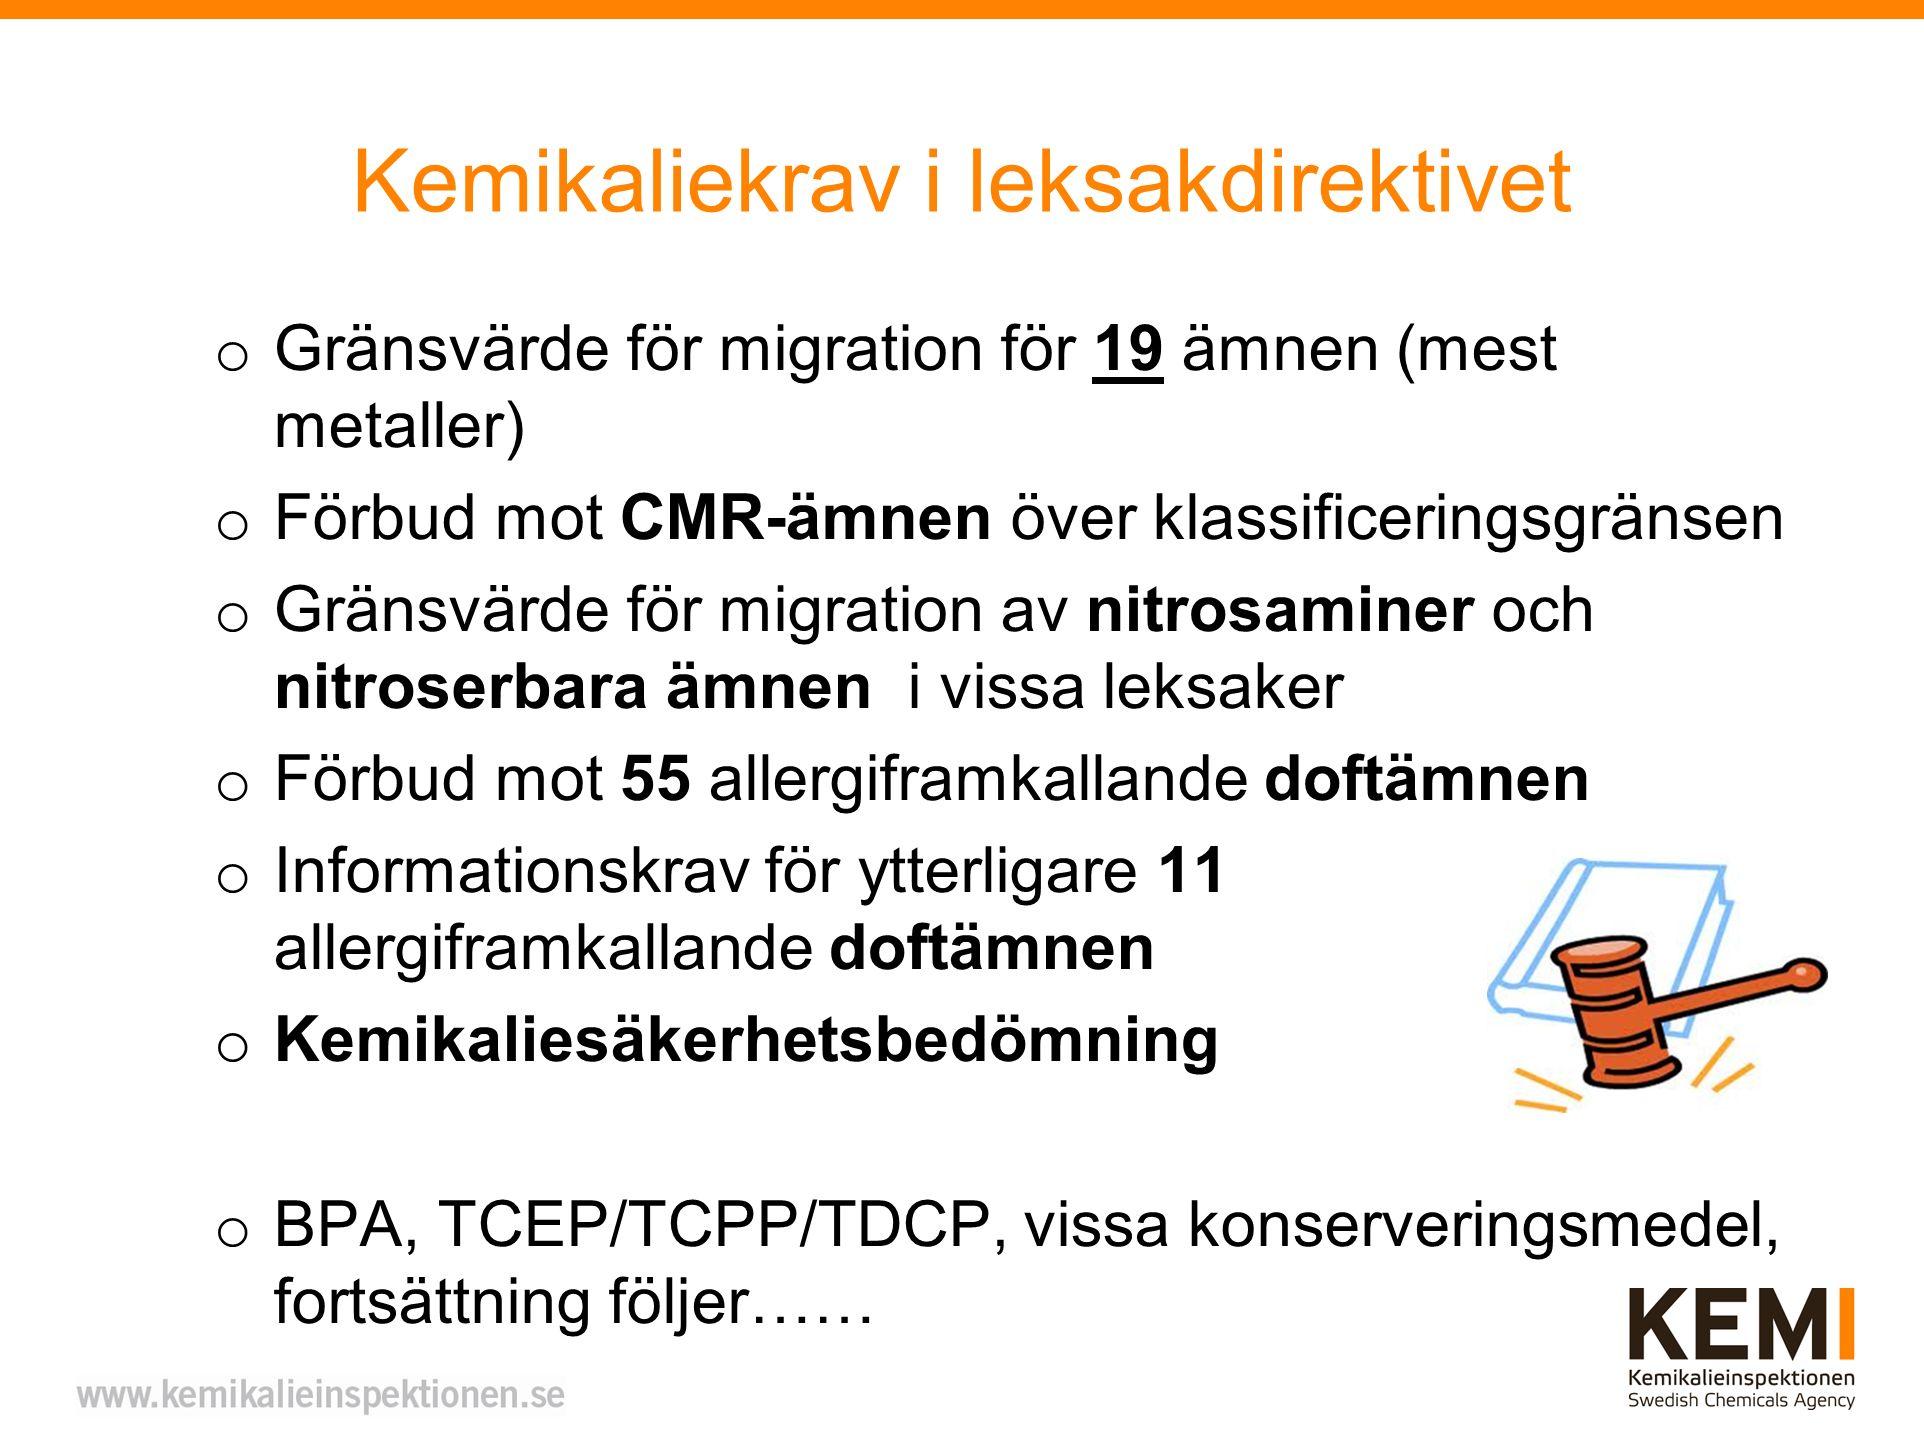 Kemikaliekrav i leksakdirektivet o Gränsvärde för migration för 19 ämnen (mest metaller) o Förbud mot CMR-ämnen över klassificeringsgränsen o Gränsvärde för migration av nitrosaminer och nitroserbara ämnen i vissa leksaker o Förbud mot 55 allergiframkallande doftämnen o Informationskrav för ytterligare 11 allergiframkallande doftämnen o Kemikaliesäkerhetsbedömning o BPA, TCEP/TCPP/TDCP, vissa konserveringsmedel, fortsättning följer……